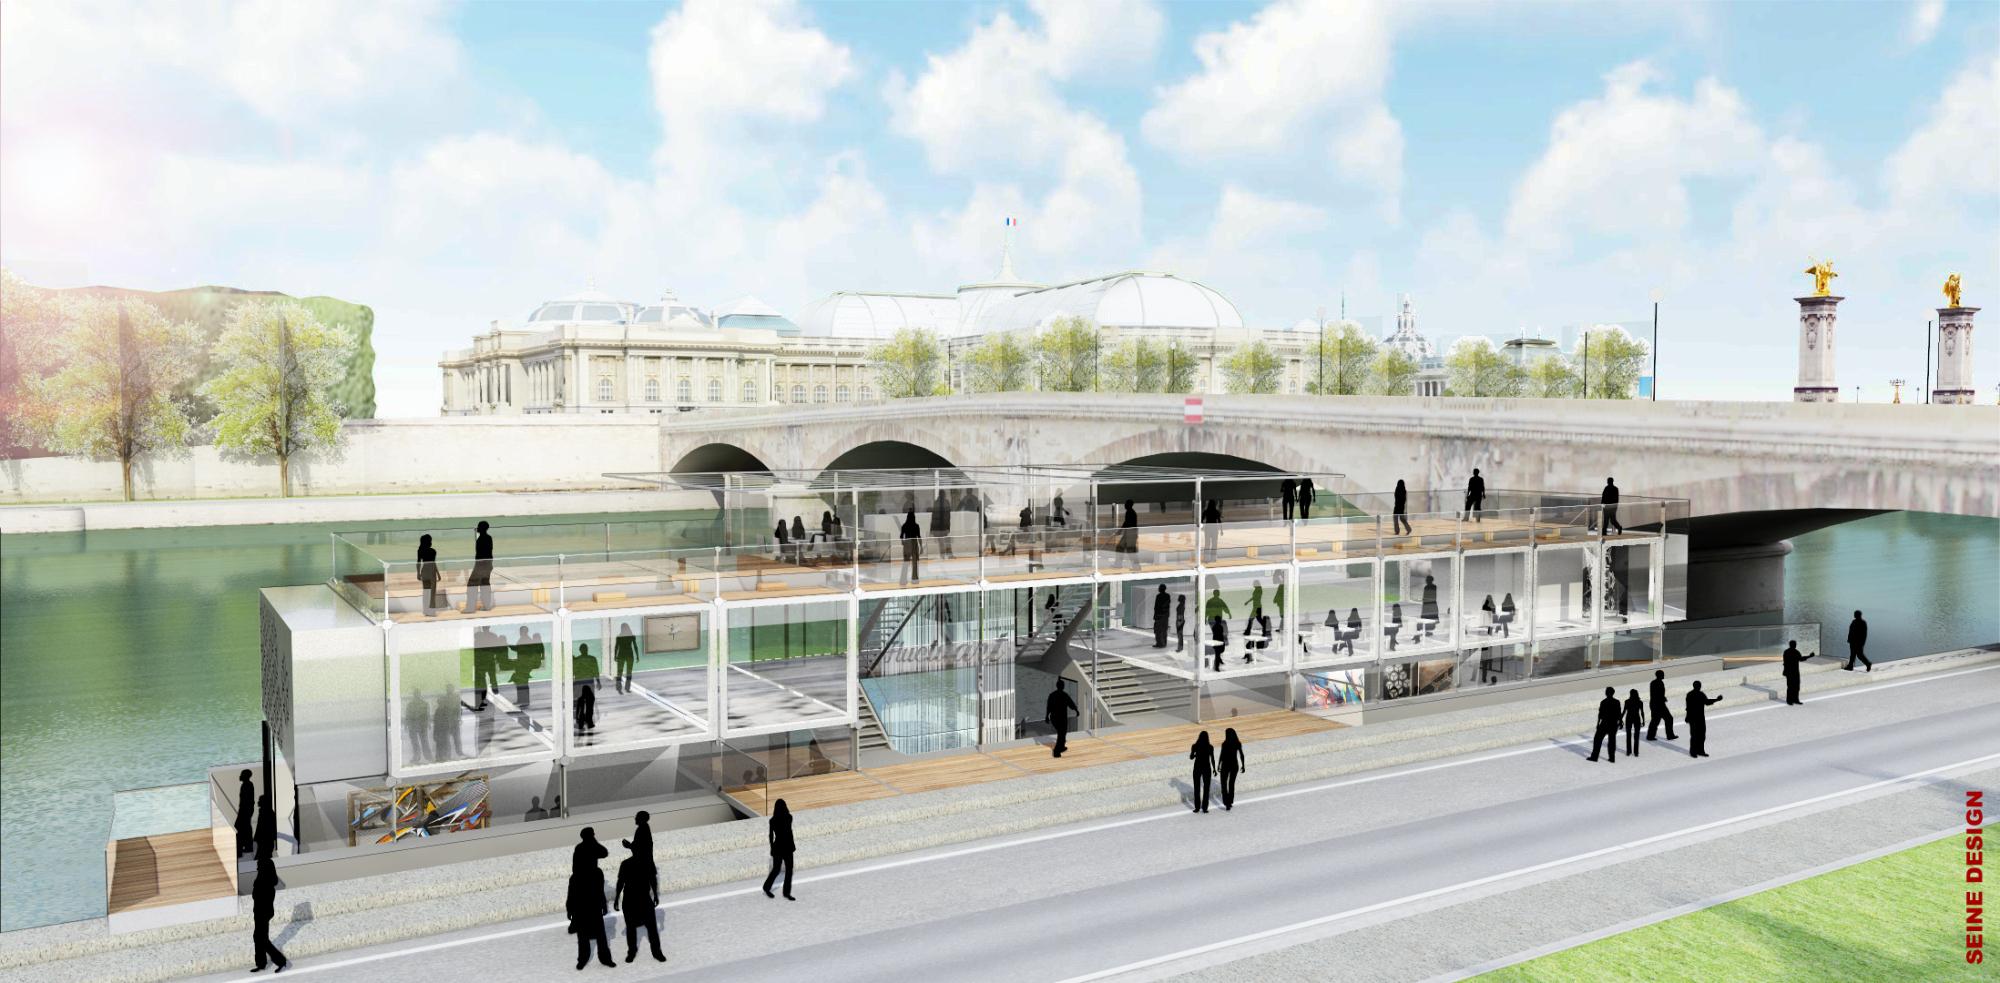 Le premier centre d'art urbain flottant au monde ouvre ses portes au printemps